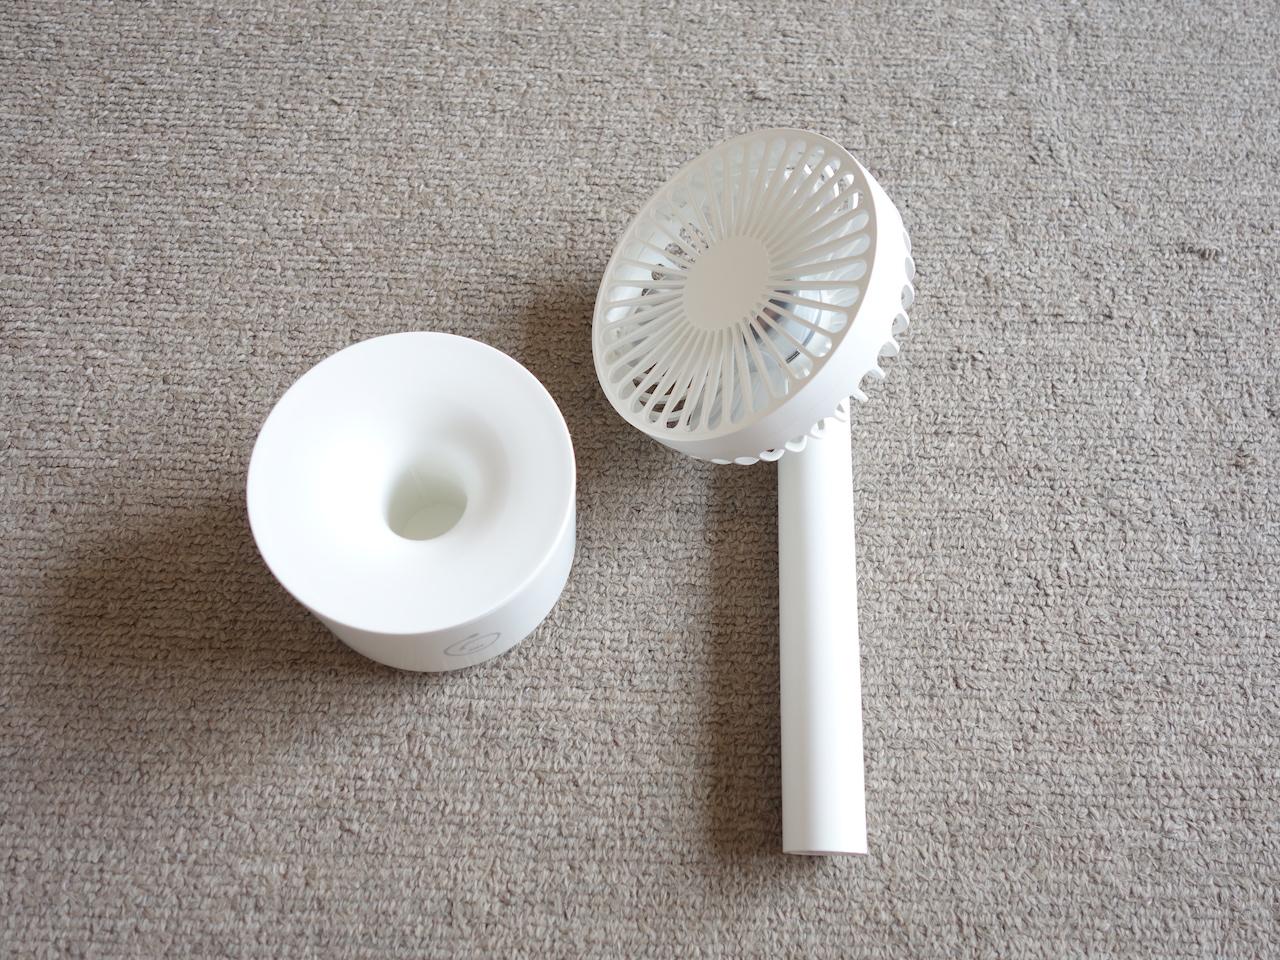 バッテリー駆動の充電式手持ち扇風機が便利過ぎて安心して夏を越せそう